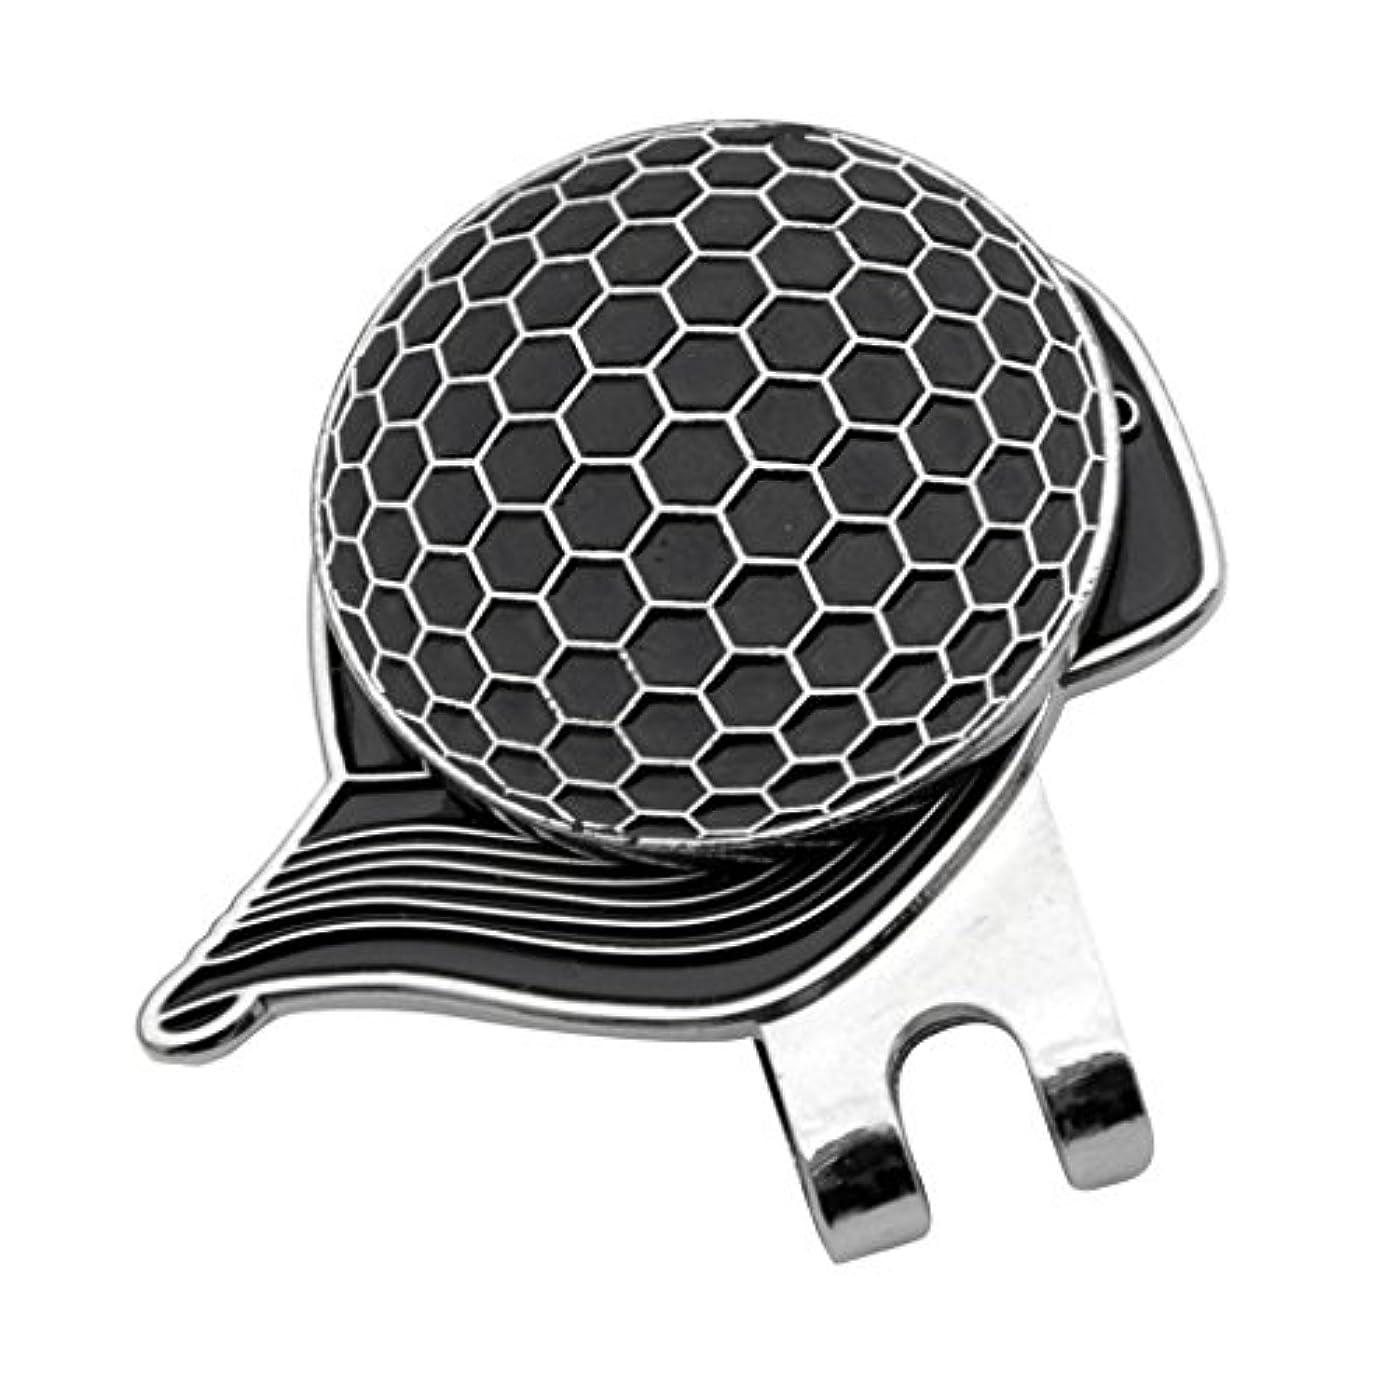 吸い込む洞察力探すDovewill 合金 帽子パタン ゴルフ ハットクリップ付 マグネット ボールマーカー グリーンマーカー 4色選べる - ブラック